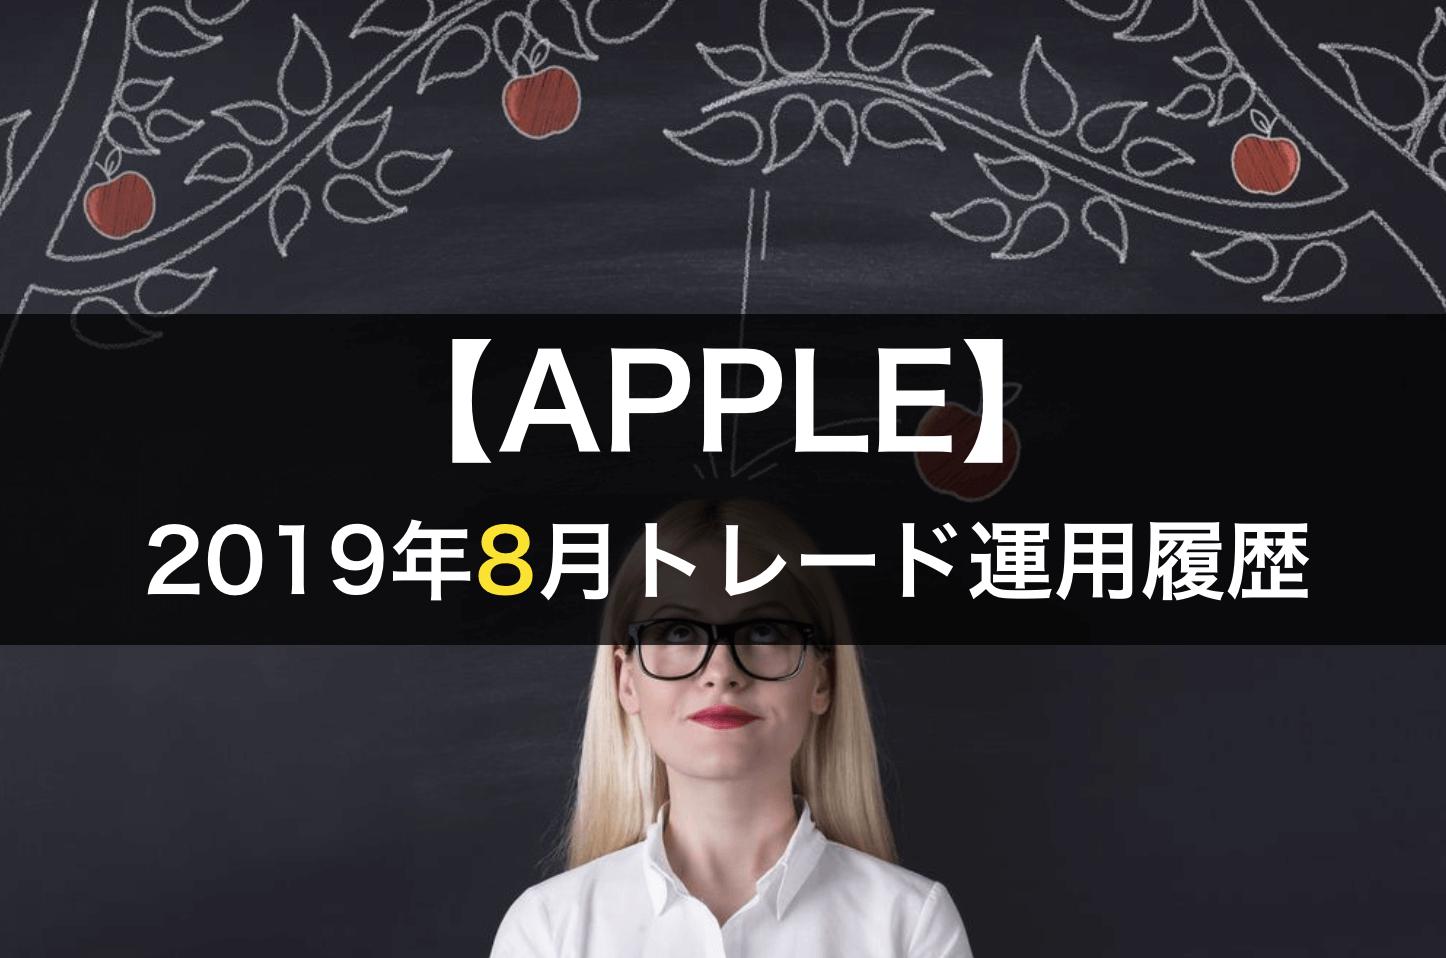 2019年8月のapple自動売買結果